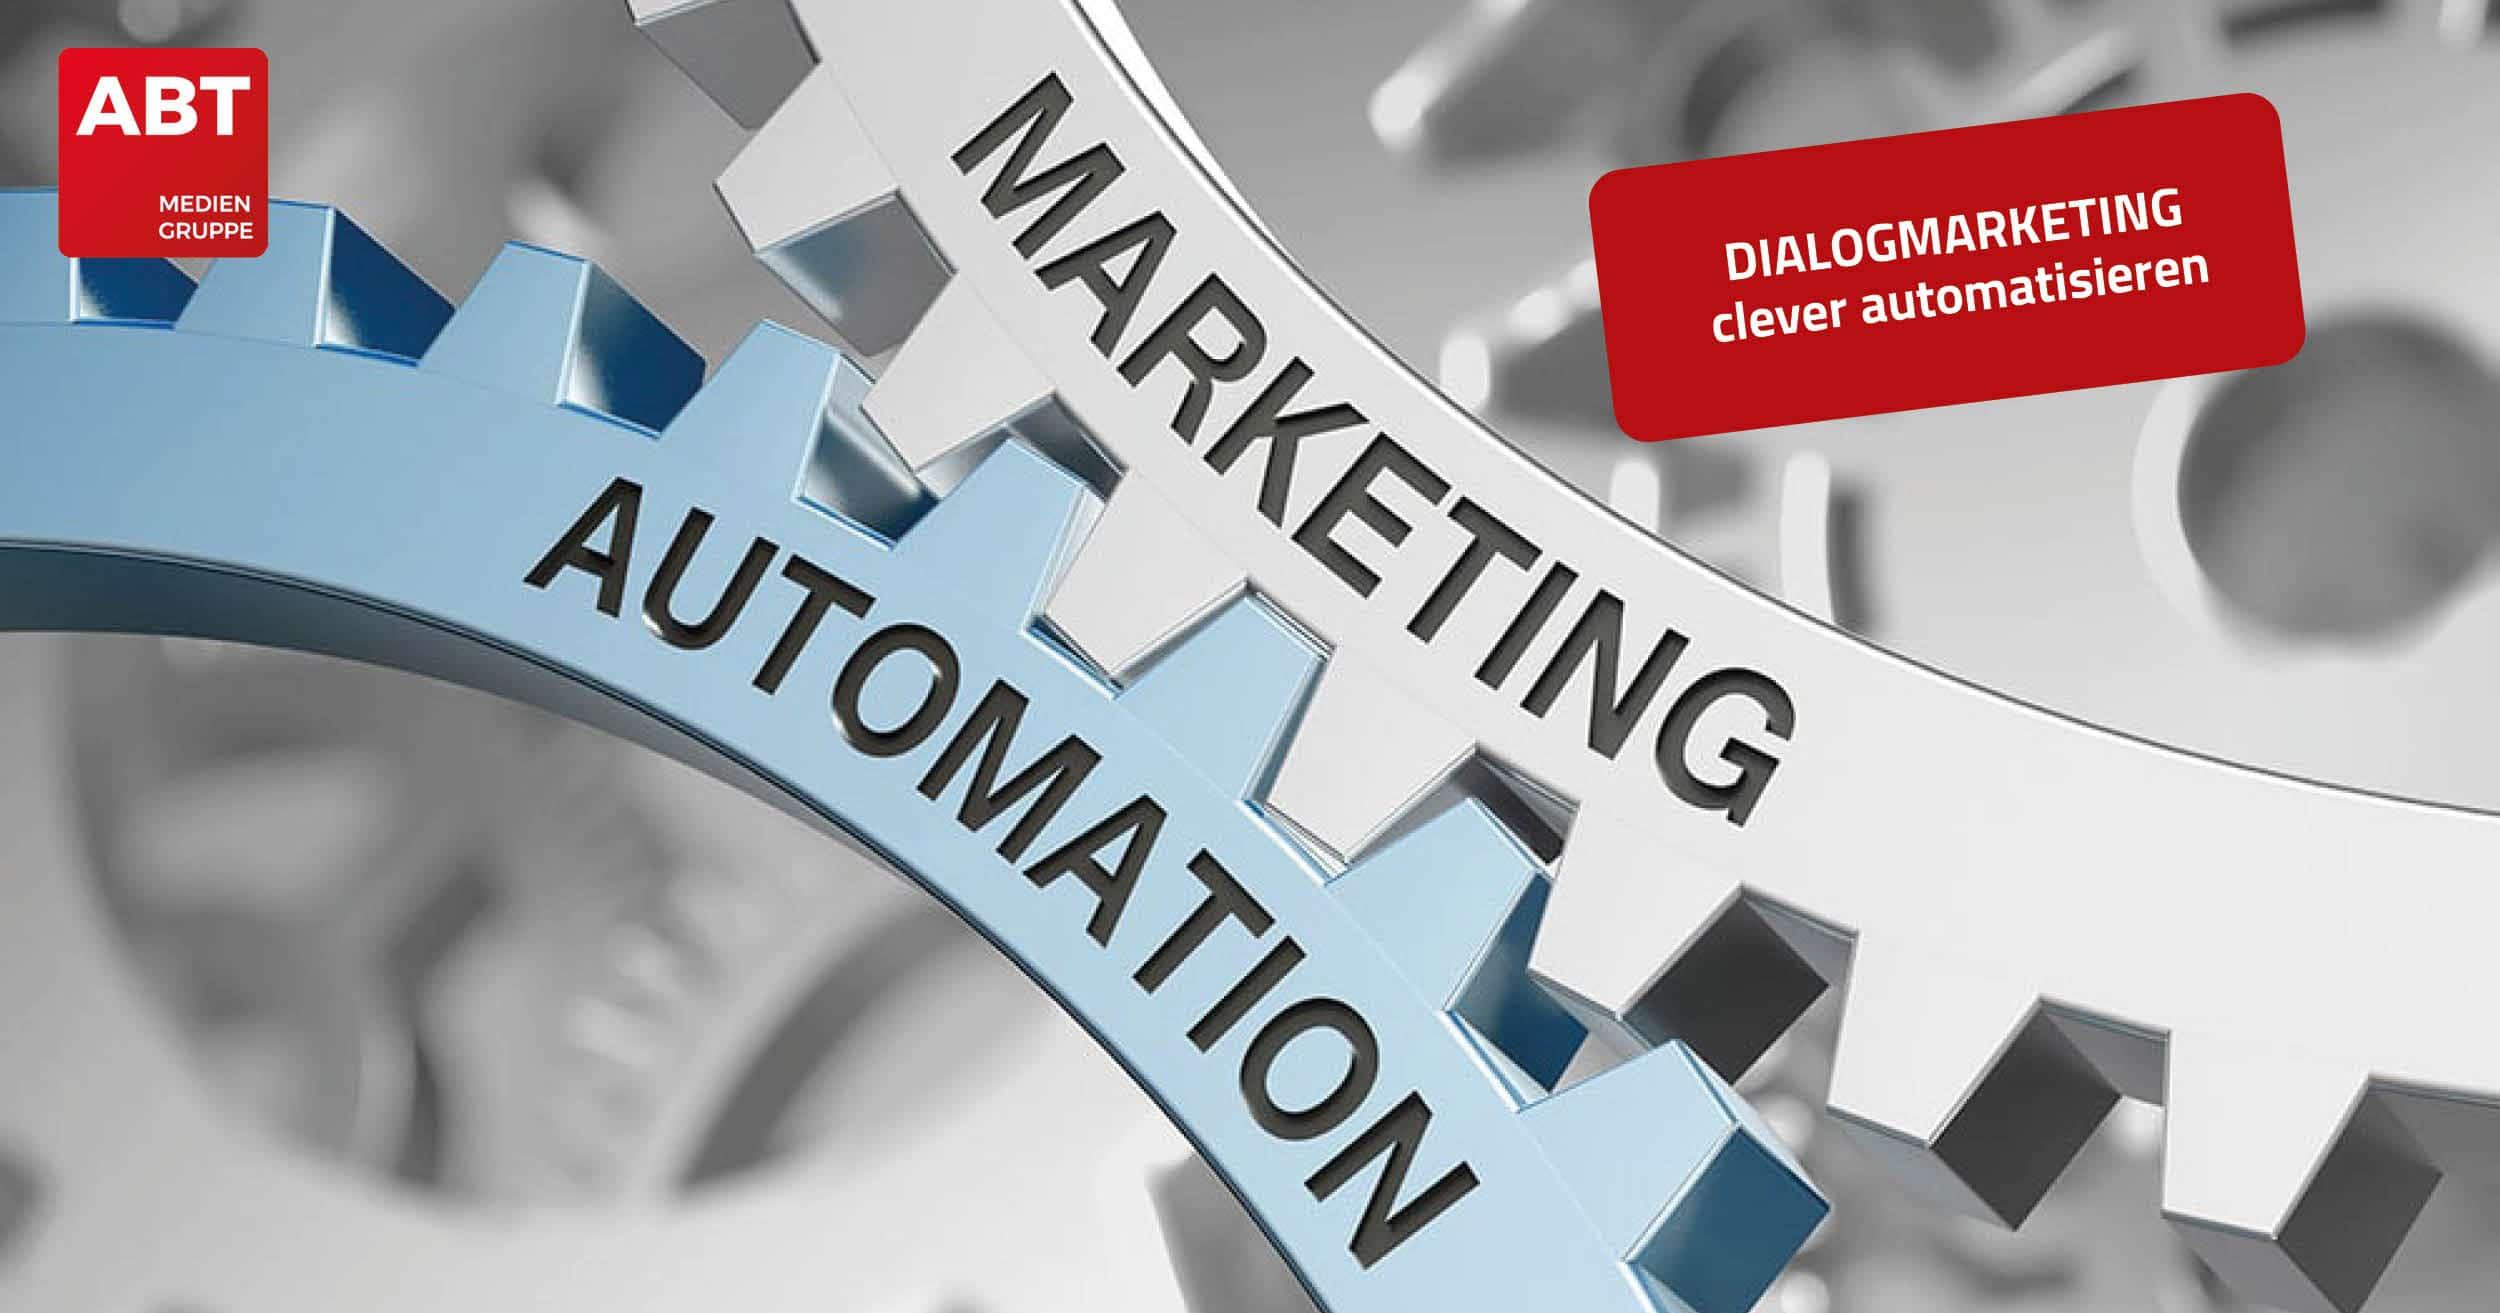 Mit dem Online Marketing Portal Dialogmarketing clever automatisieren